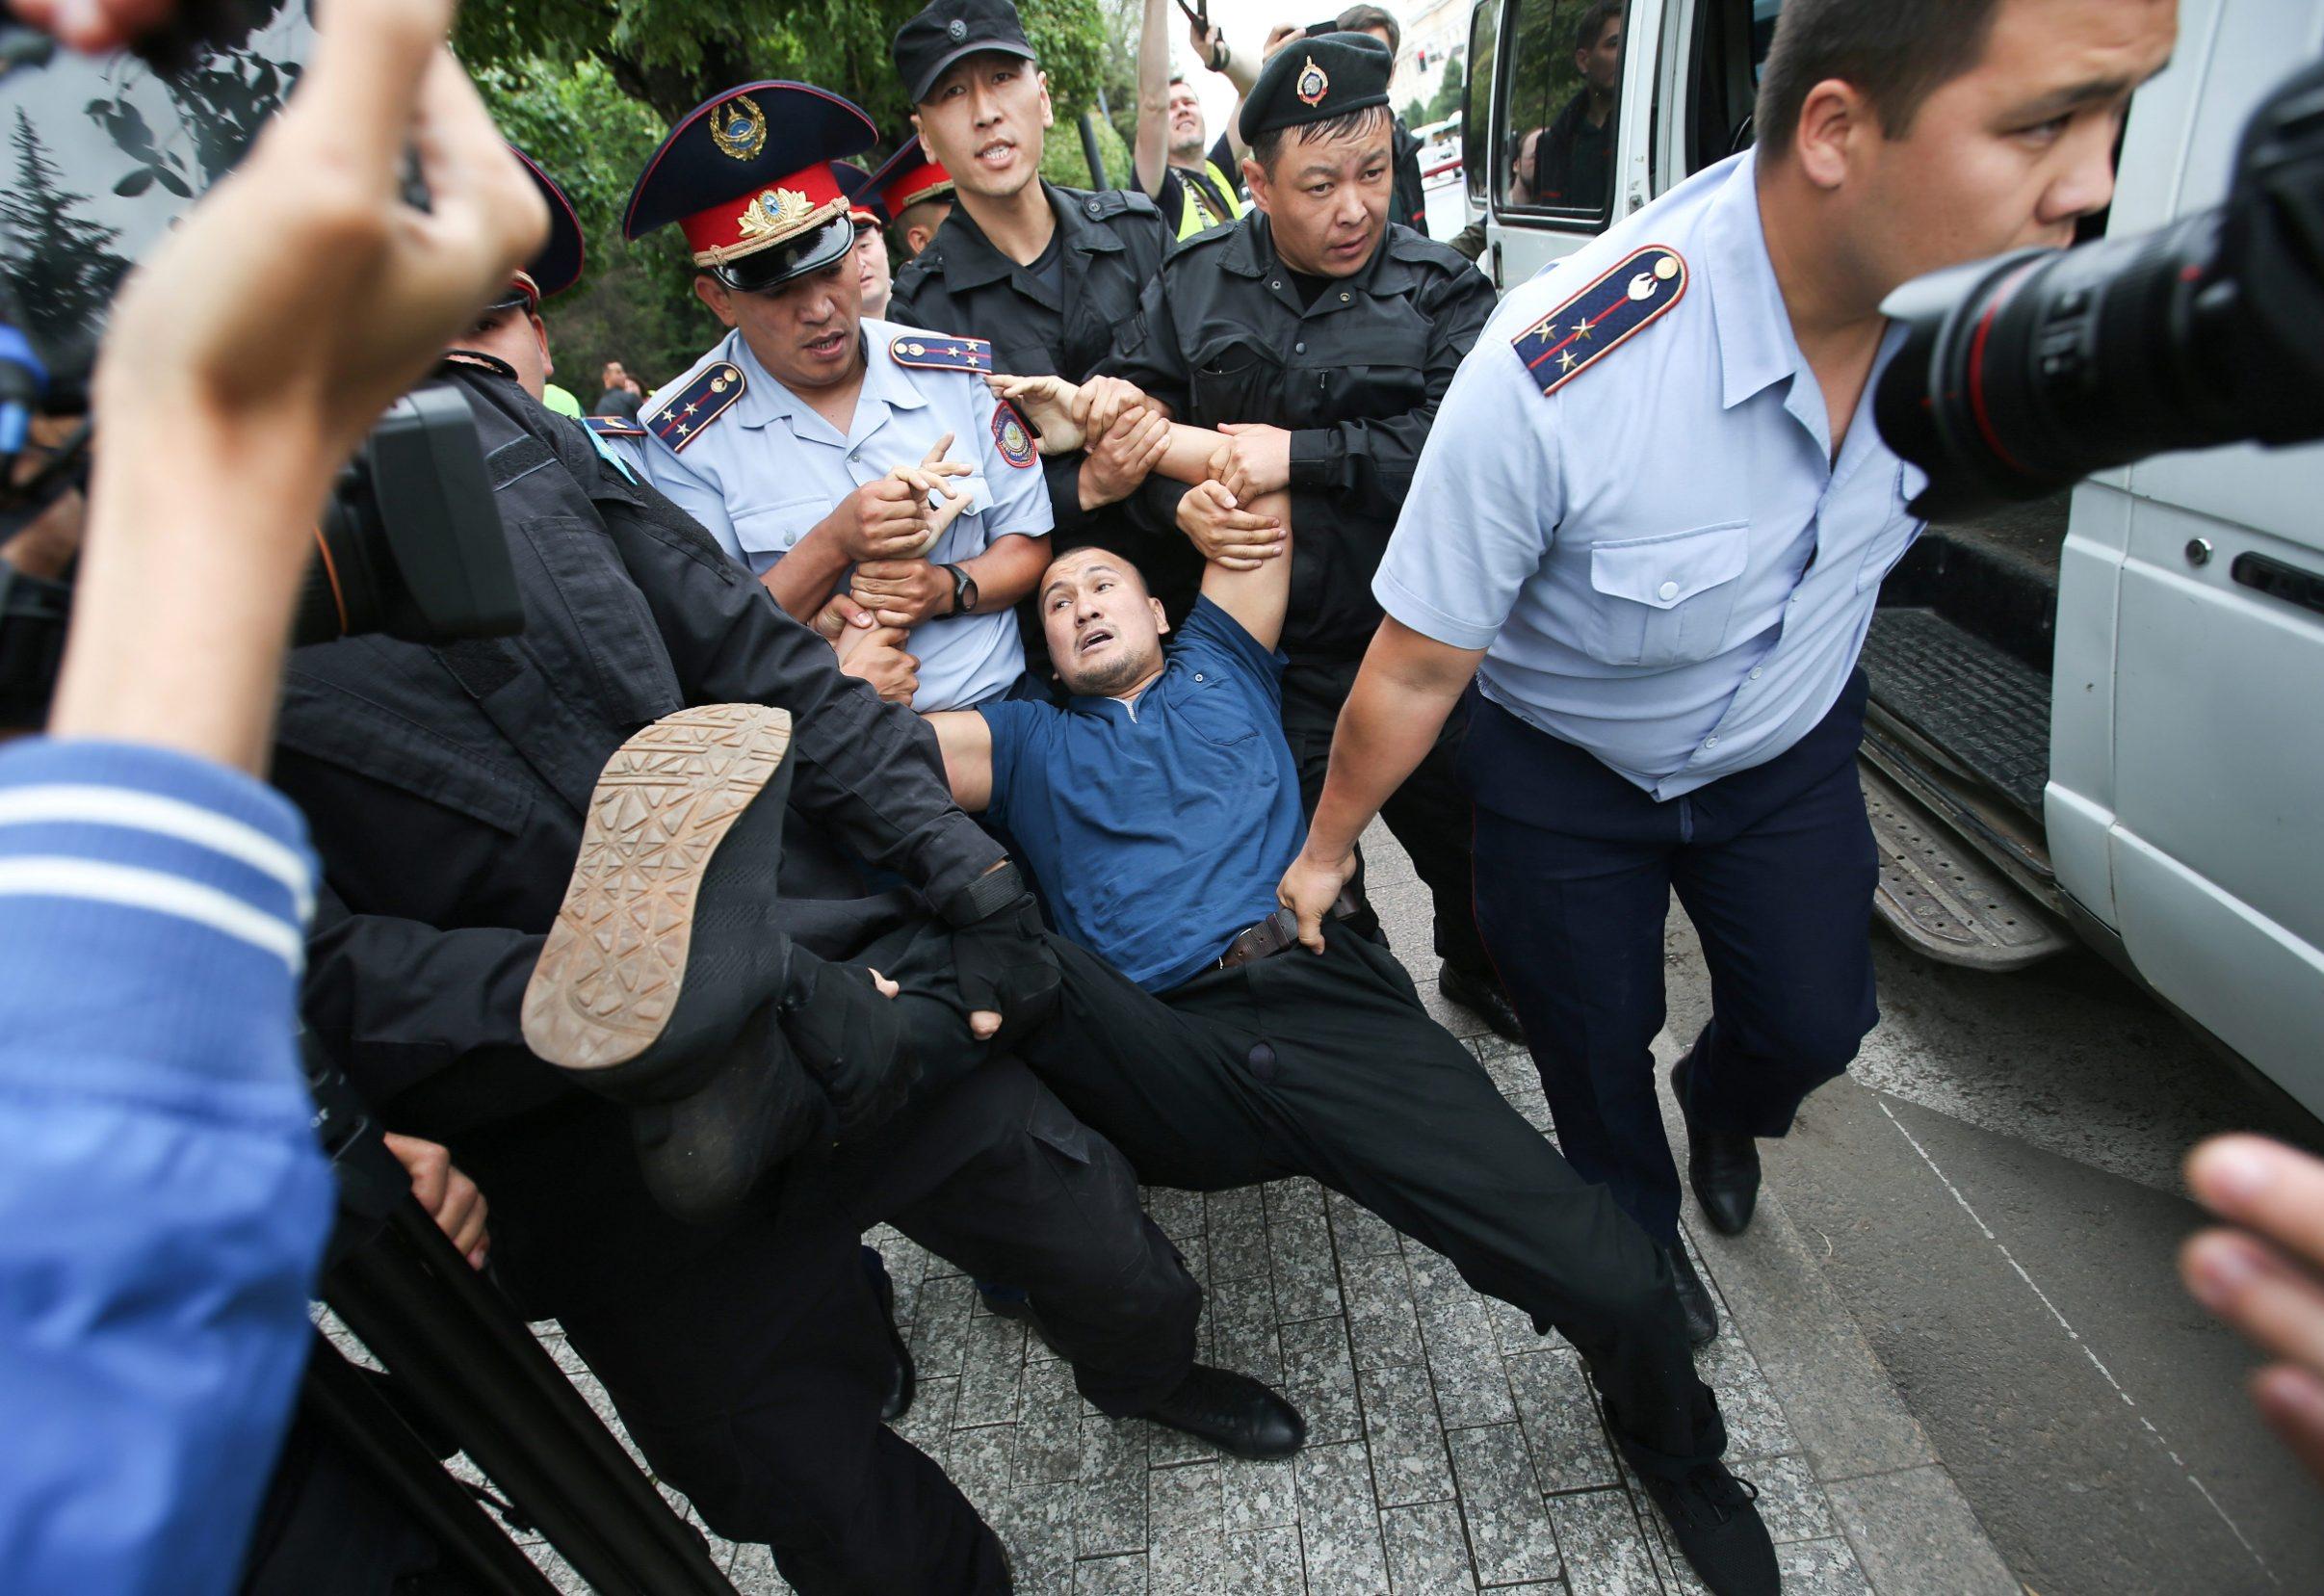 2019-06-10T082131Z_1182309587_RC1C81D29190_RTRMADP_3_KAZAKHSTAN-ELECTION-PROTEST